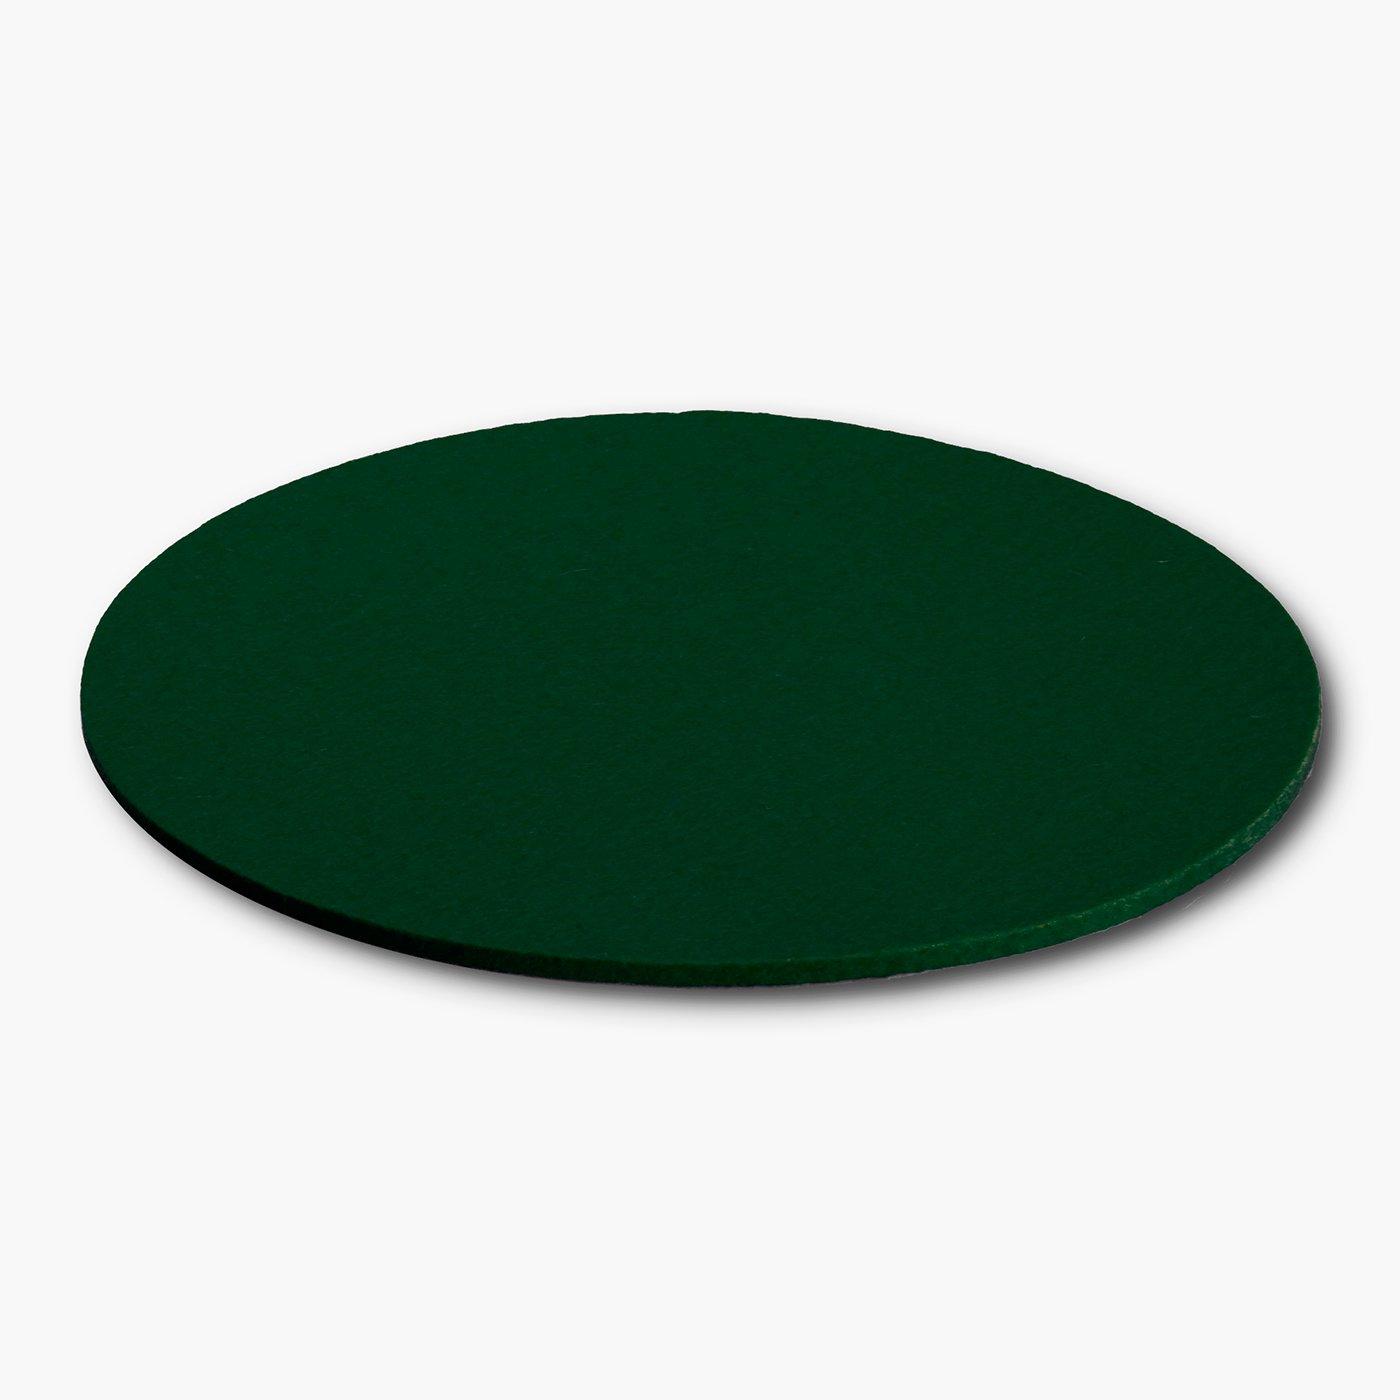 beige 25 cm /Ø Sous-verre sous-plat en feutre de laine premium Design haut de gamme de filzbrand 5 mm d/épaisseur rond 1 pi/èce